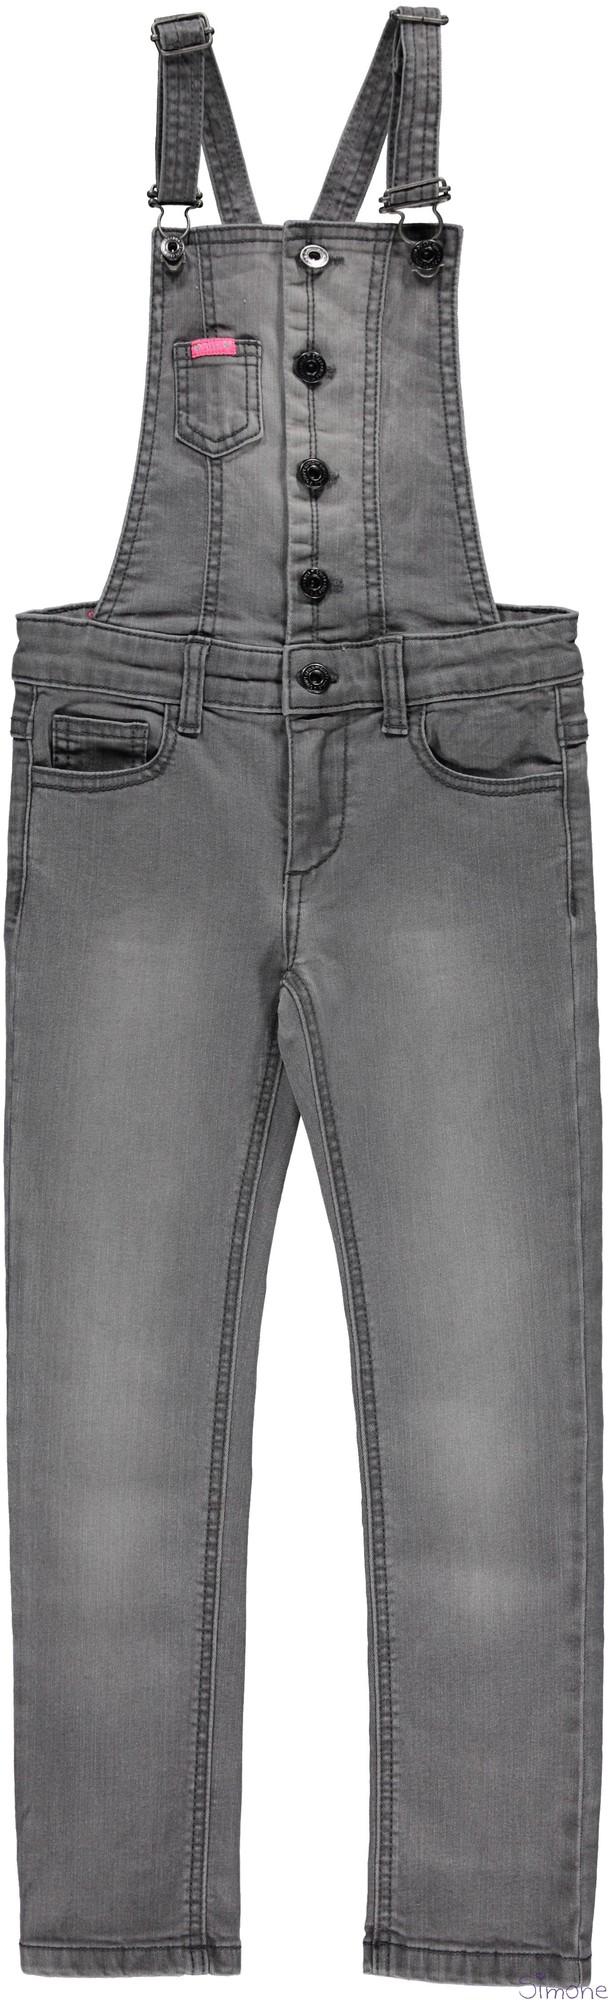 https://myshop.s3-external-3.amazonaws.com/shop3044400.pictures.quapi-kea-grey-jeans.jpg